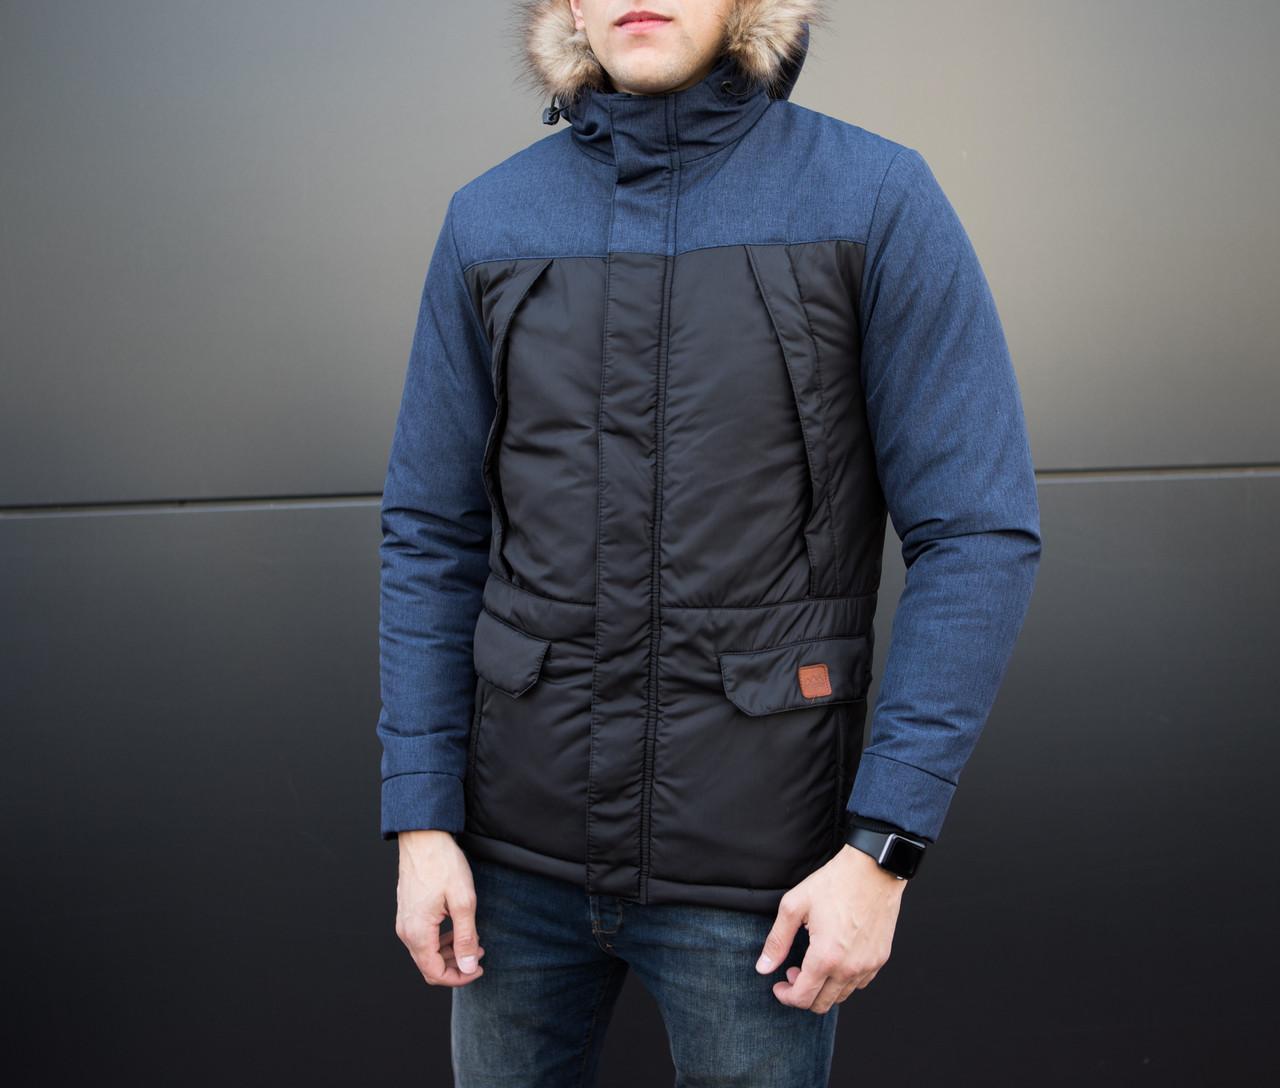 Куртка ALASKA зимняя мужская Pobedov (черная с синей вставкой)